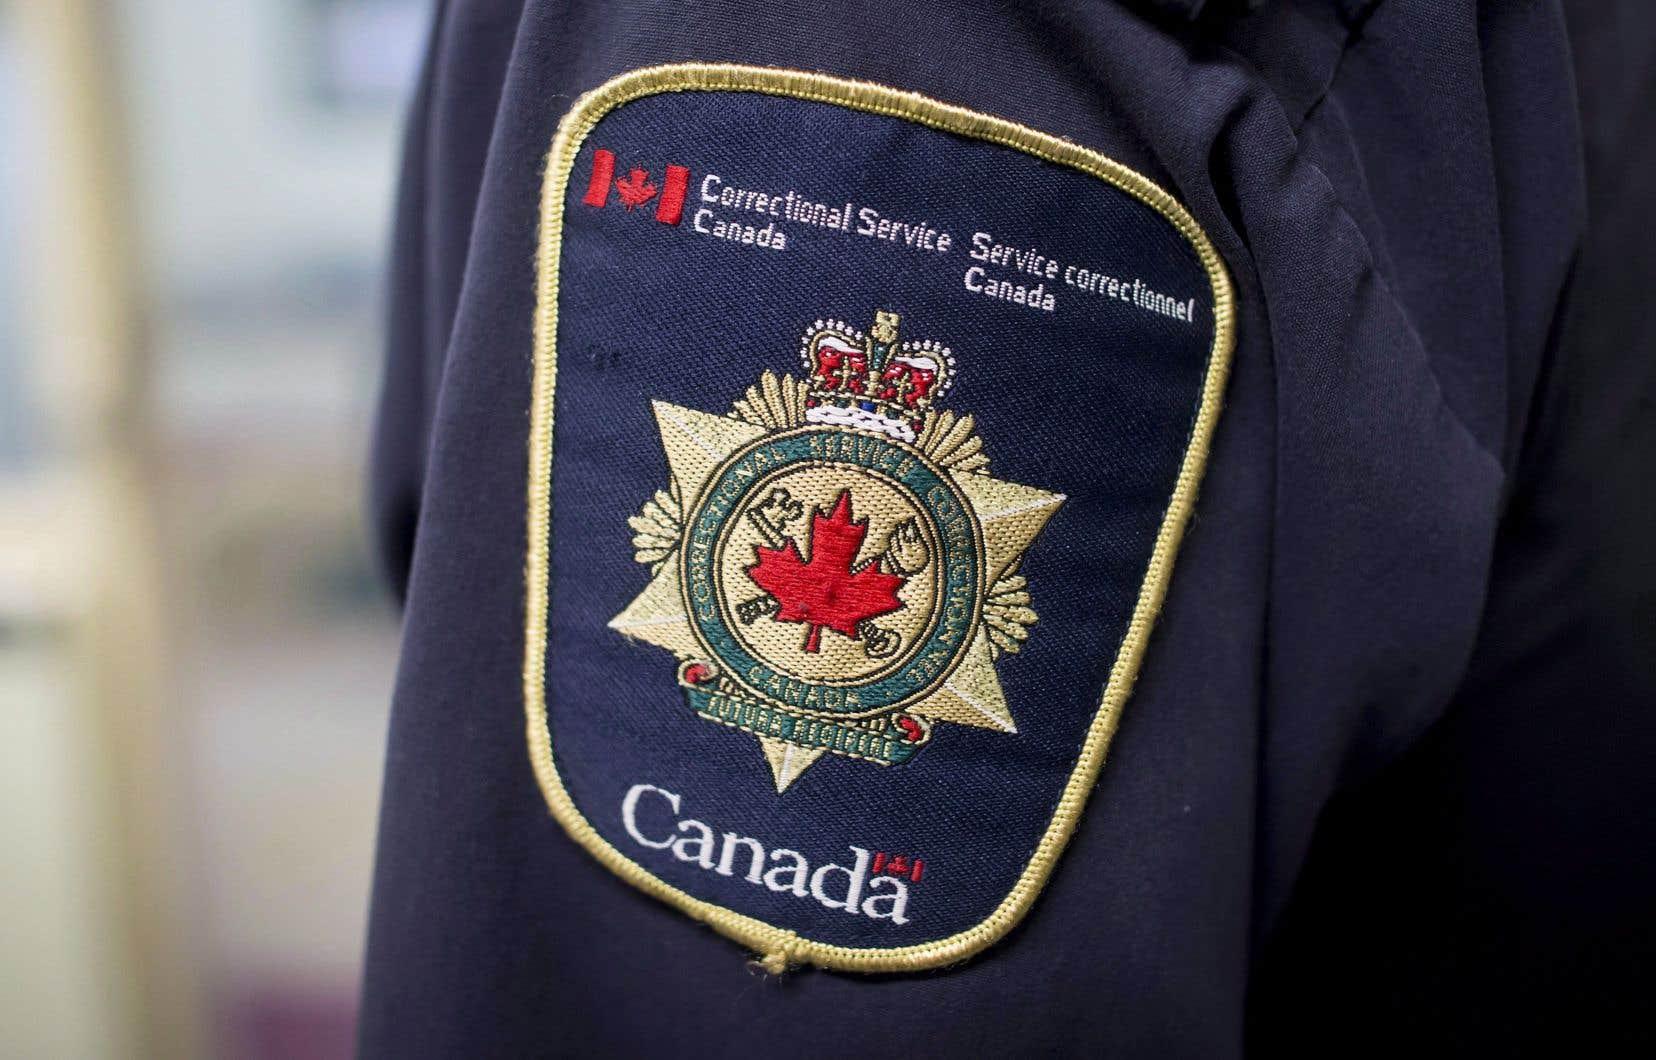 À Service correctionnel Canada, on dit «réduire la présence des employés dans [les] milieux de travail lorsque cela est possible tout en assurant la sécurité des employés, des détenus et du public».